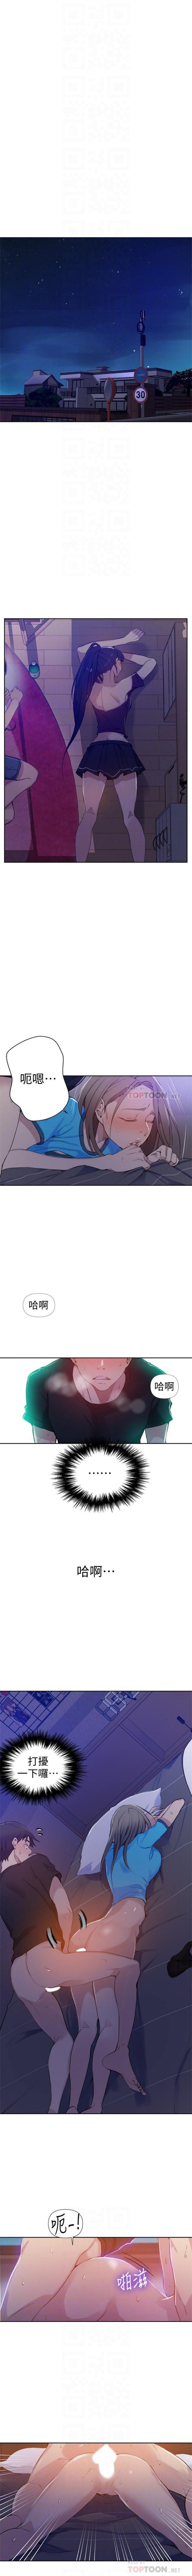 秘密教學  1-63 官方中文(連載中) 429